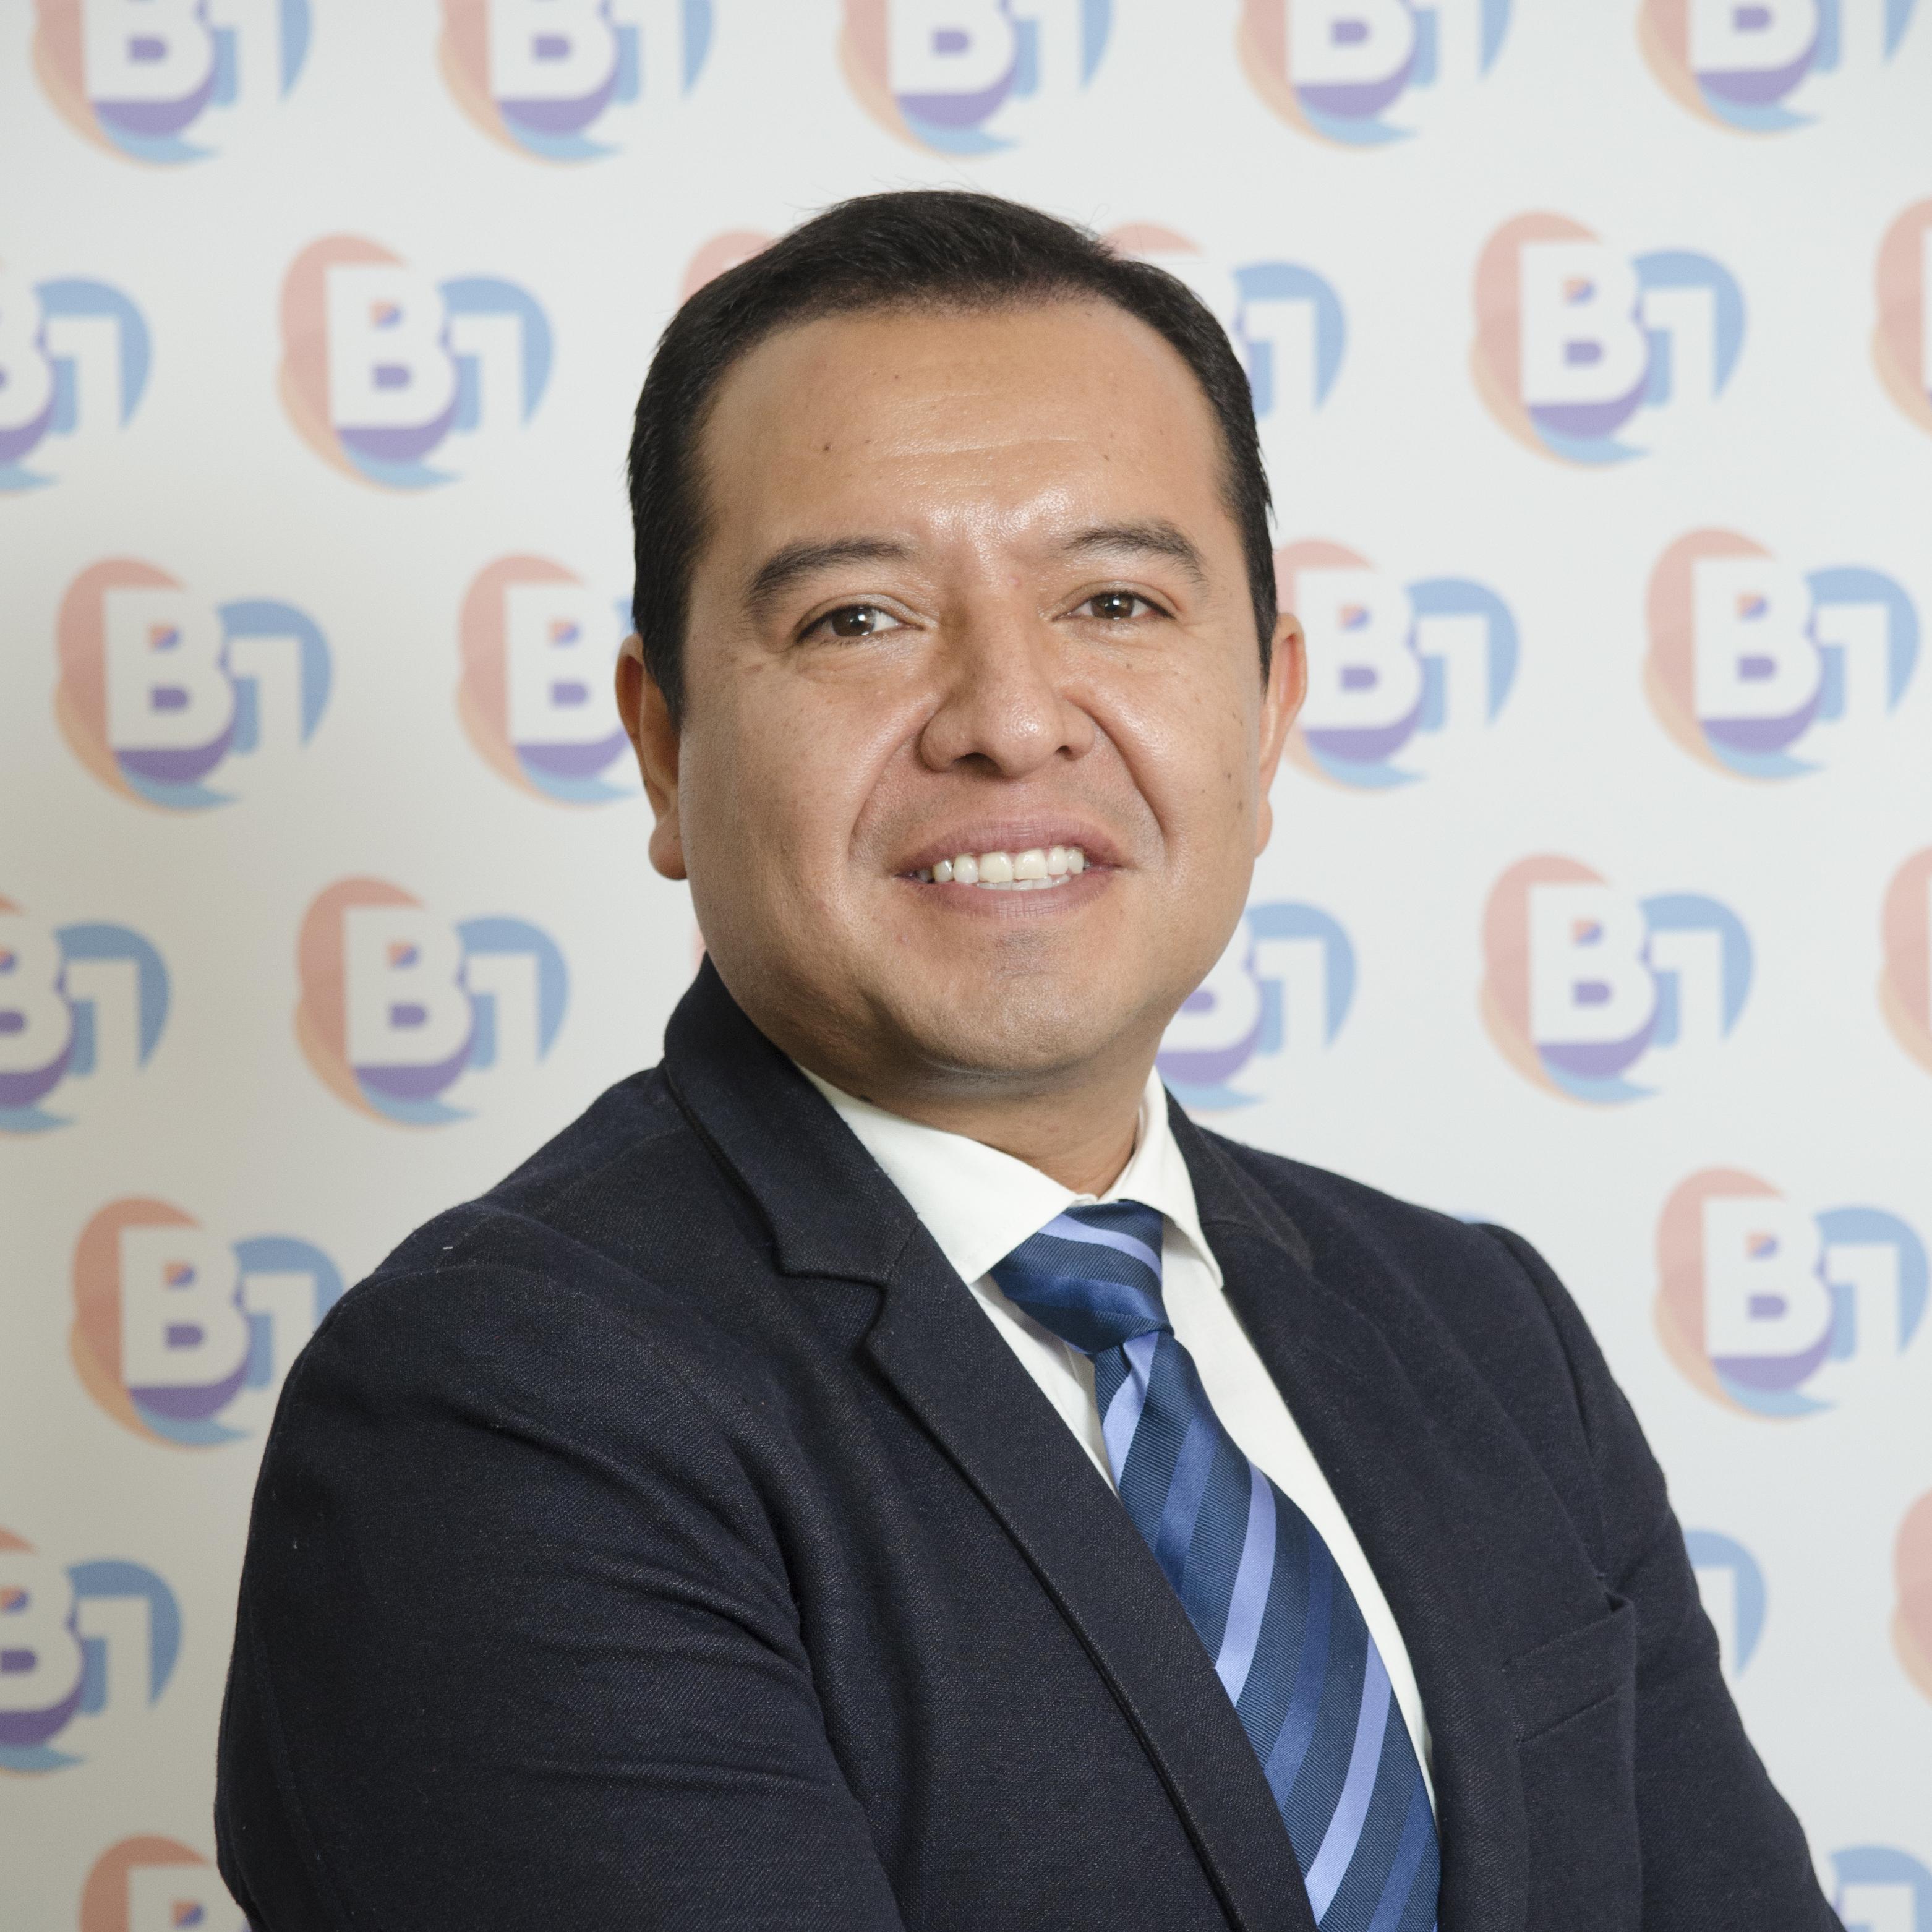 Héctor Saúl Téllez Hernández